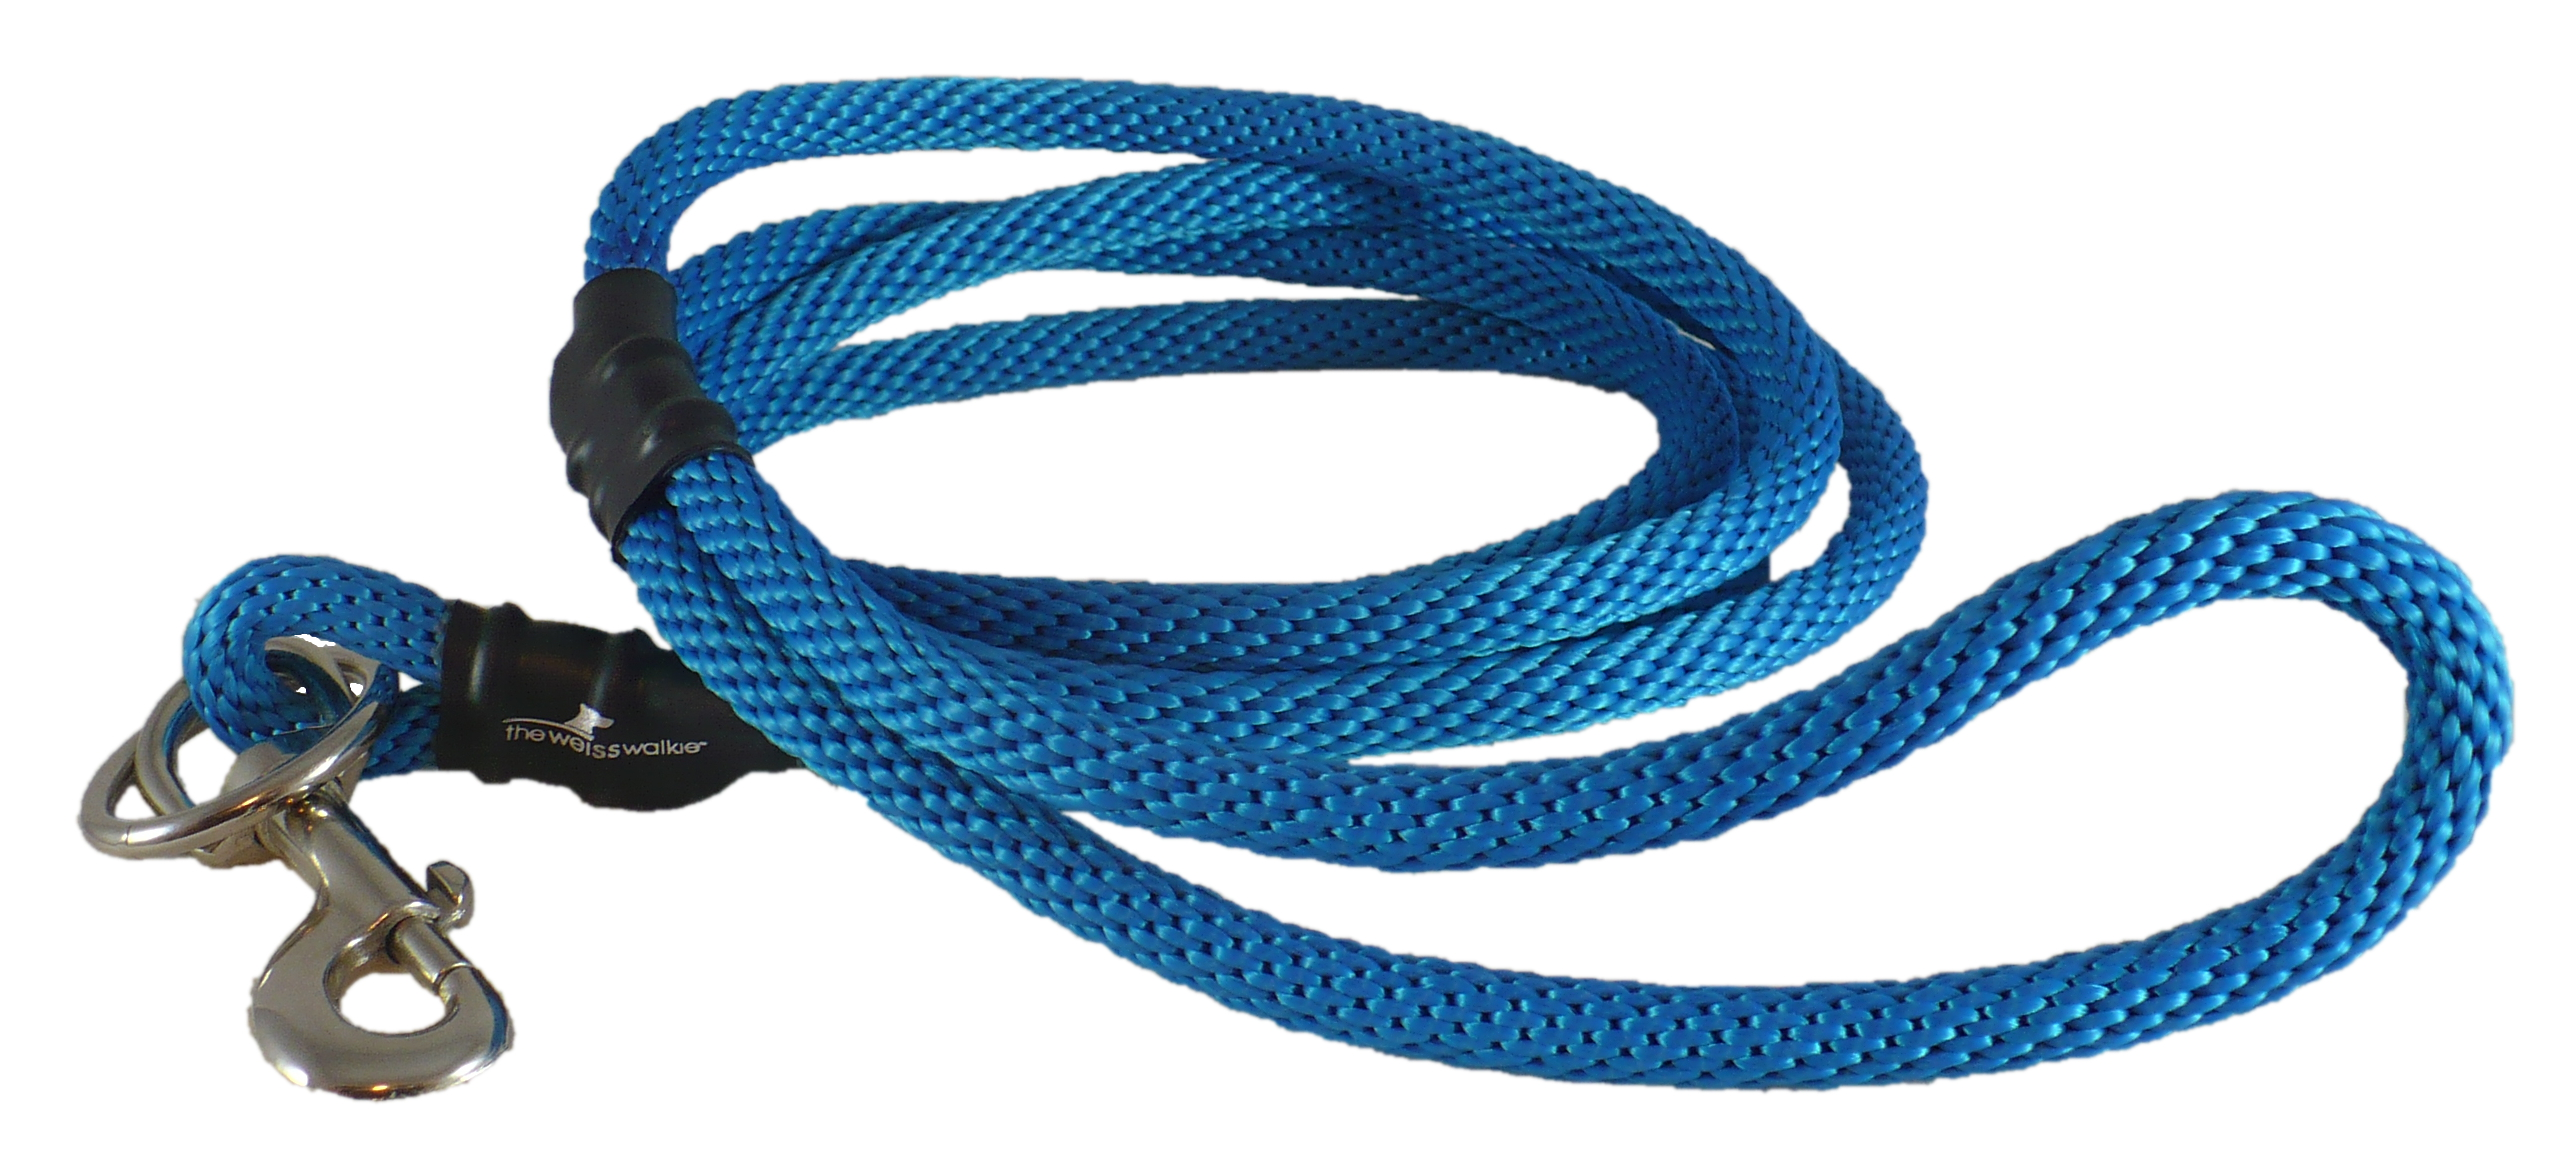 ww-dog-leash-4.jpg